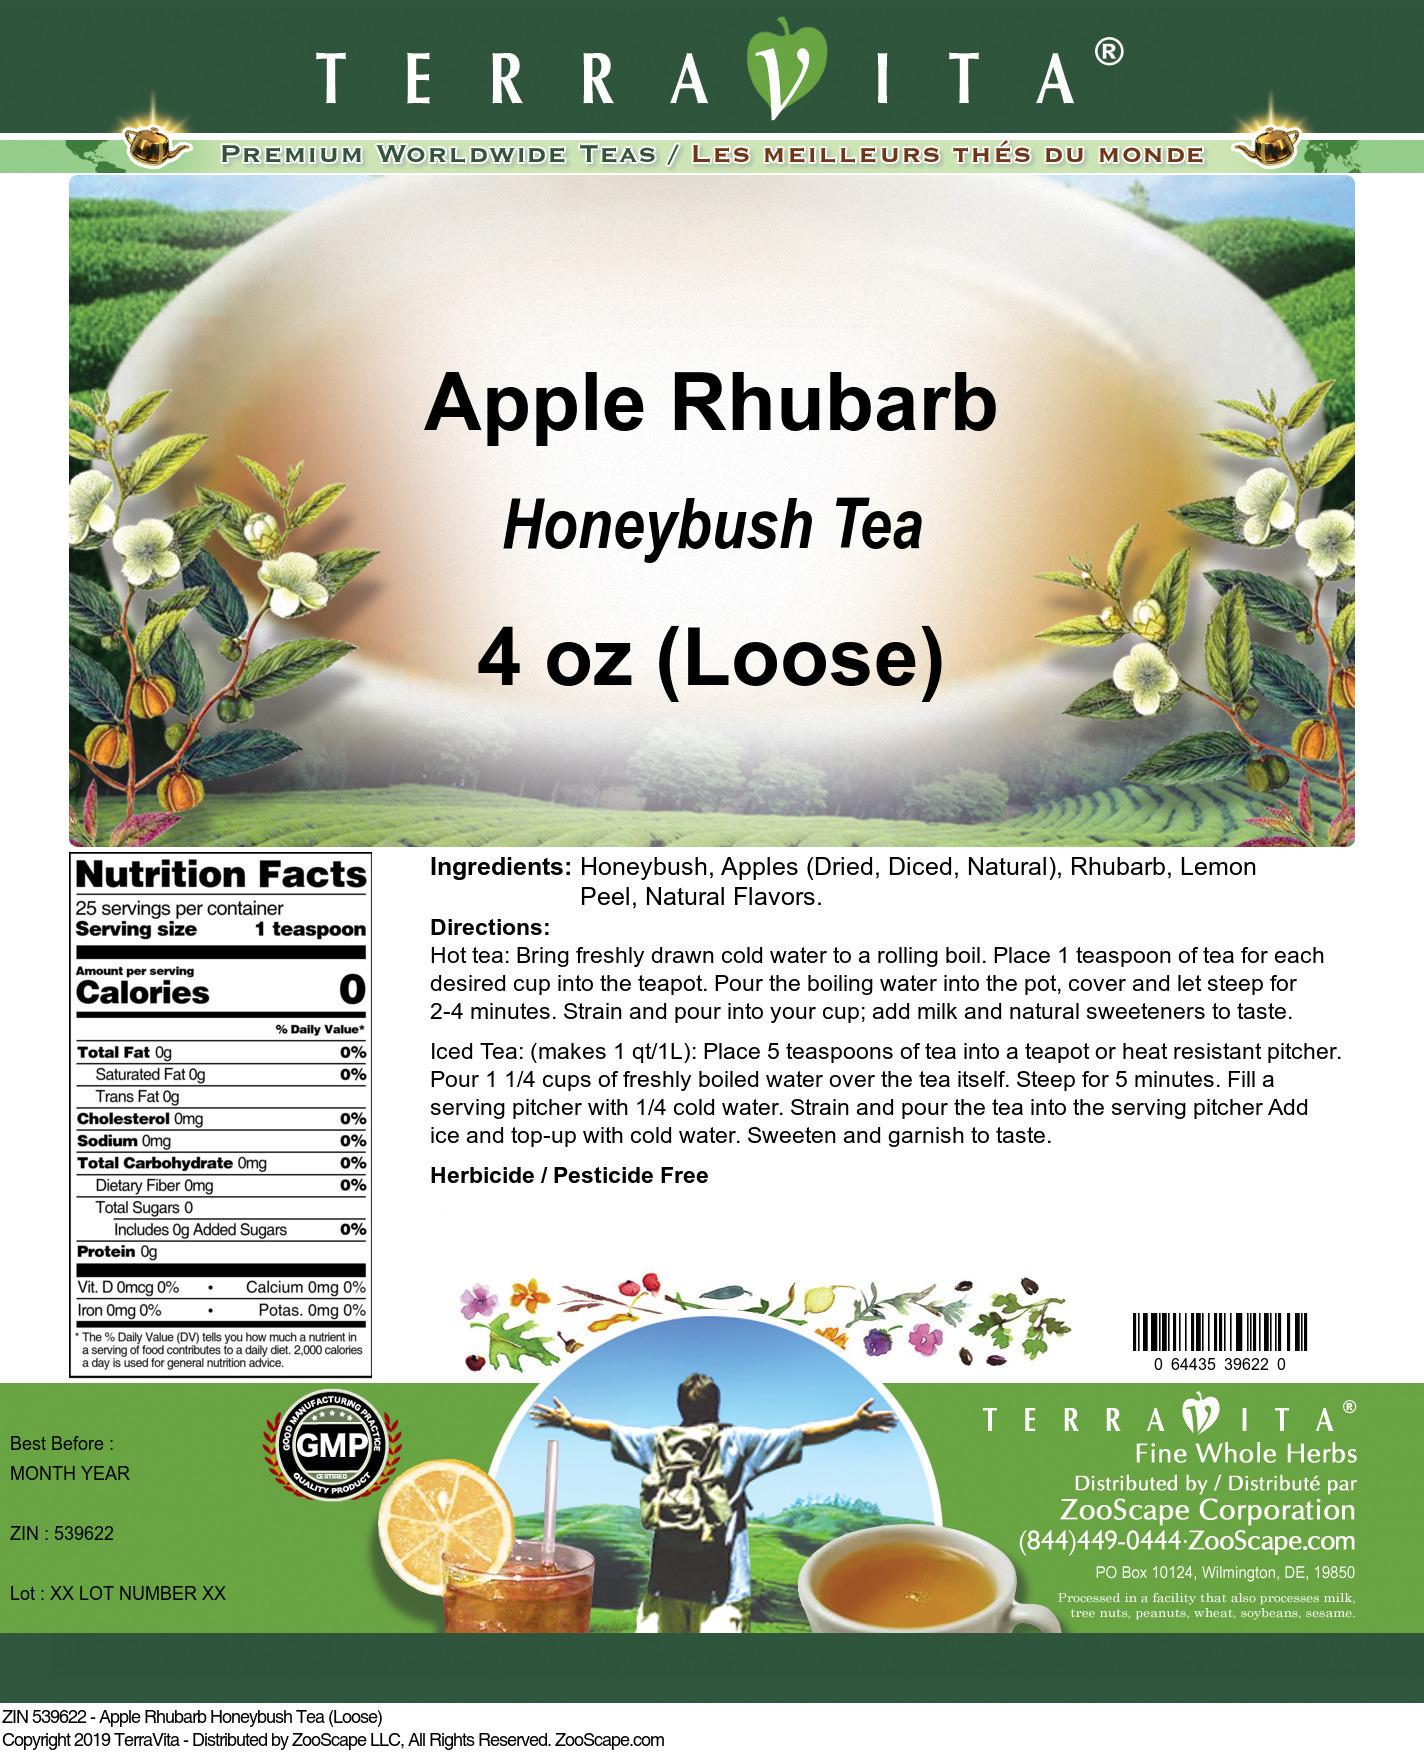 Apple Rhubarb Honeybush Tea